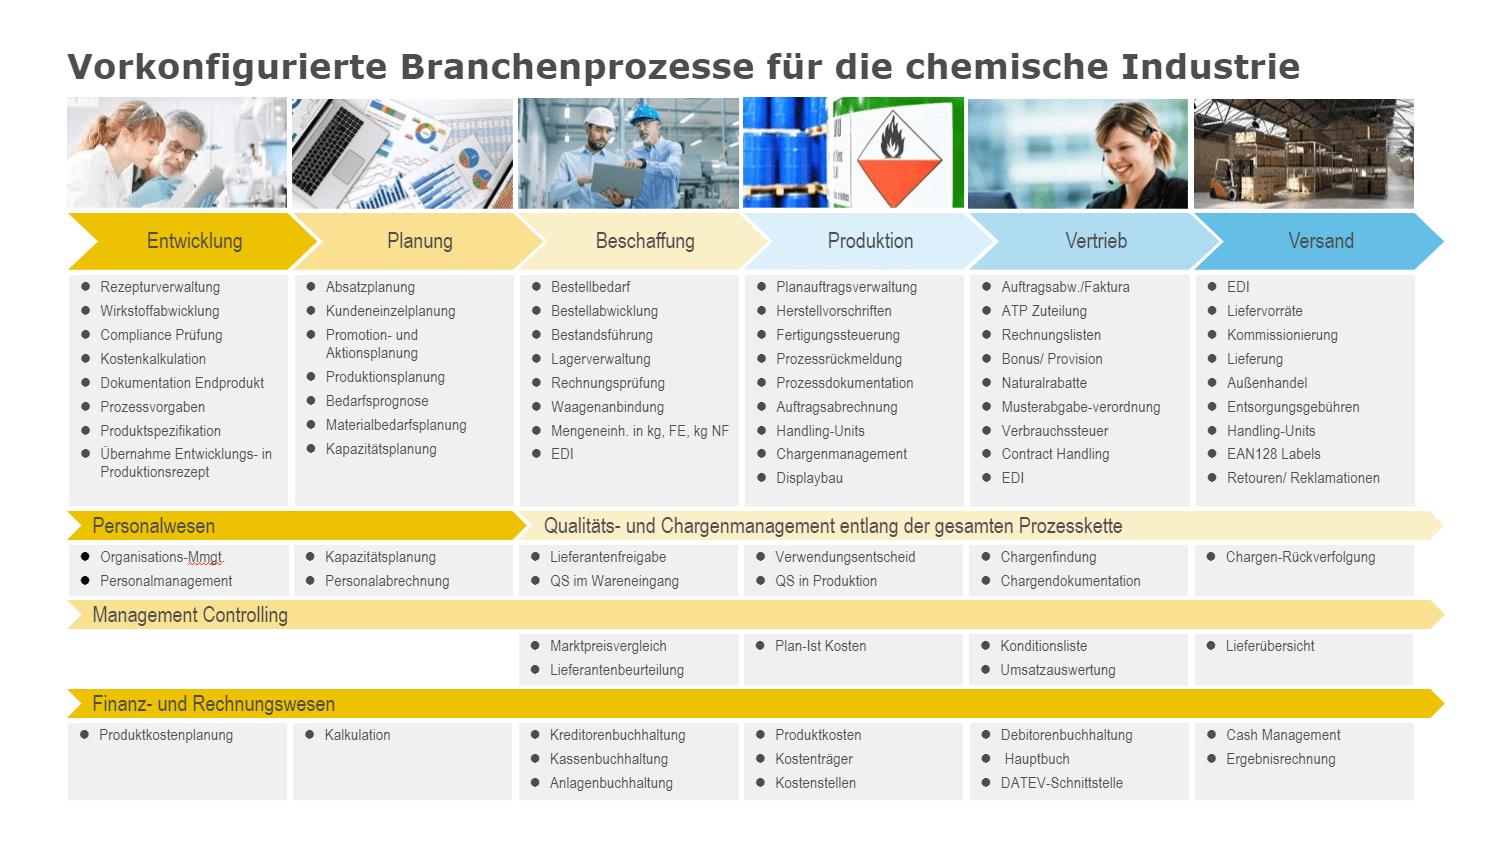 News Grafik ERP Chemie Branchenprozesse Chemie 1 - IT-Auswahl: So finden Chemieunternehmen die richtige ERP-Lösung